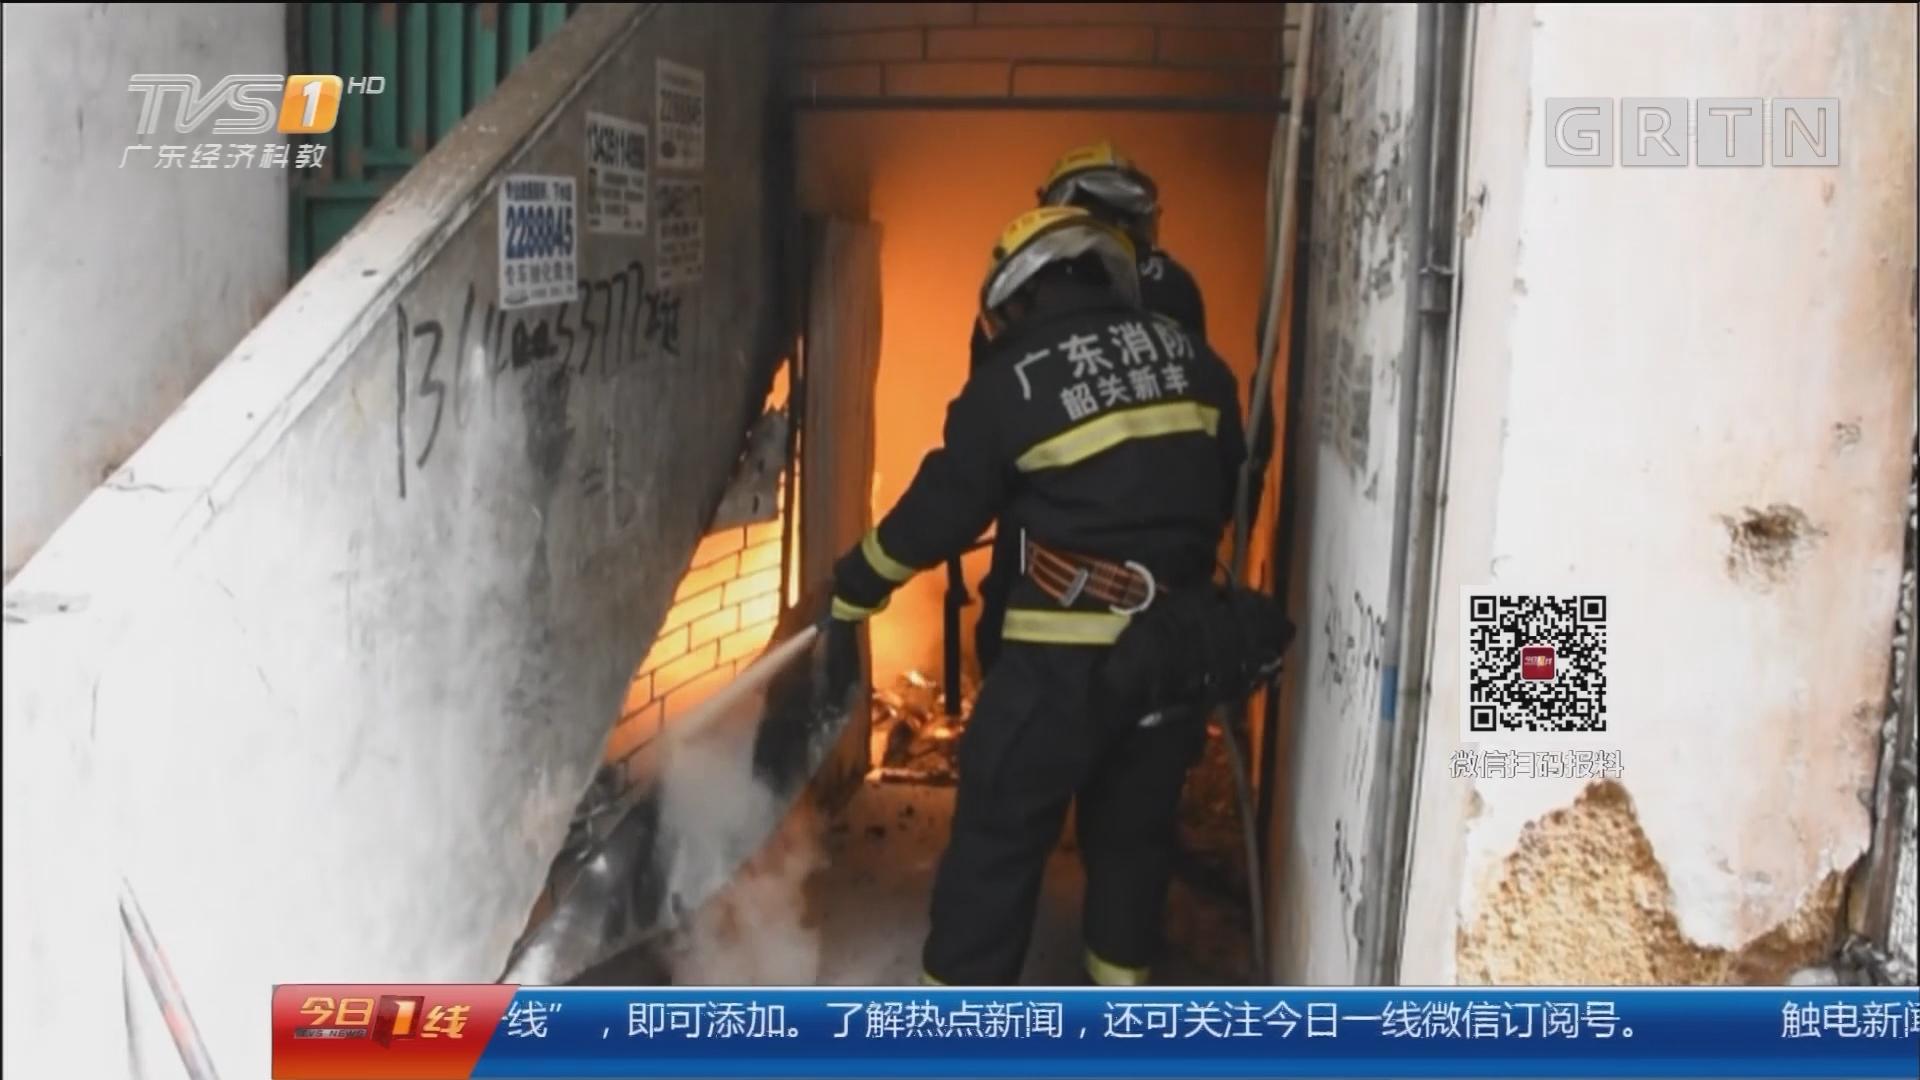 韶关新丰:电箱房突然起火 25名街坊被困